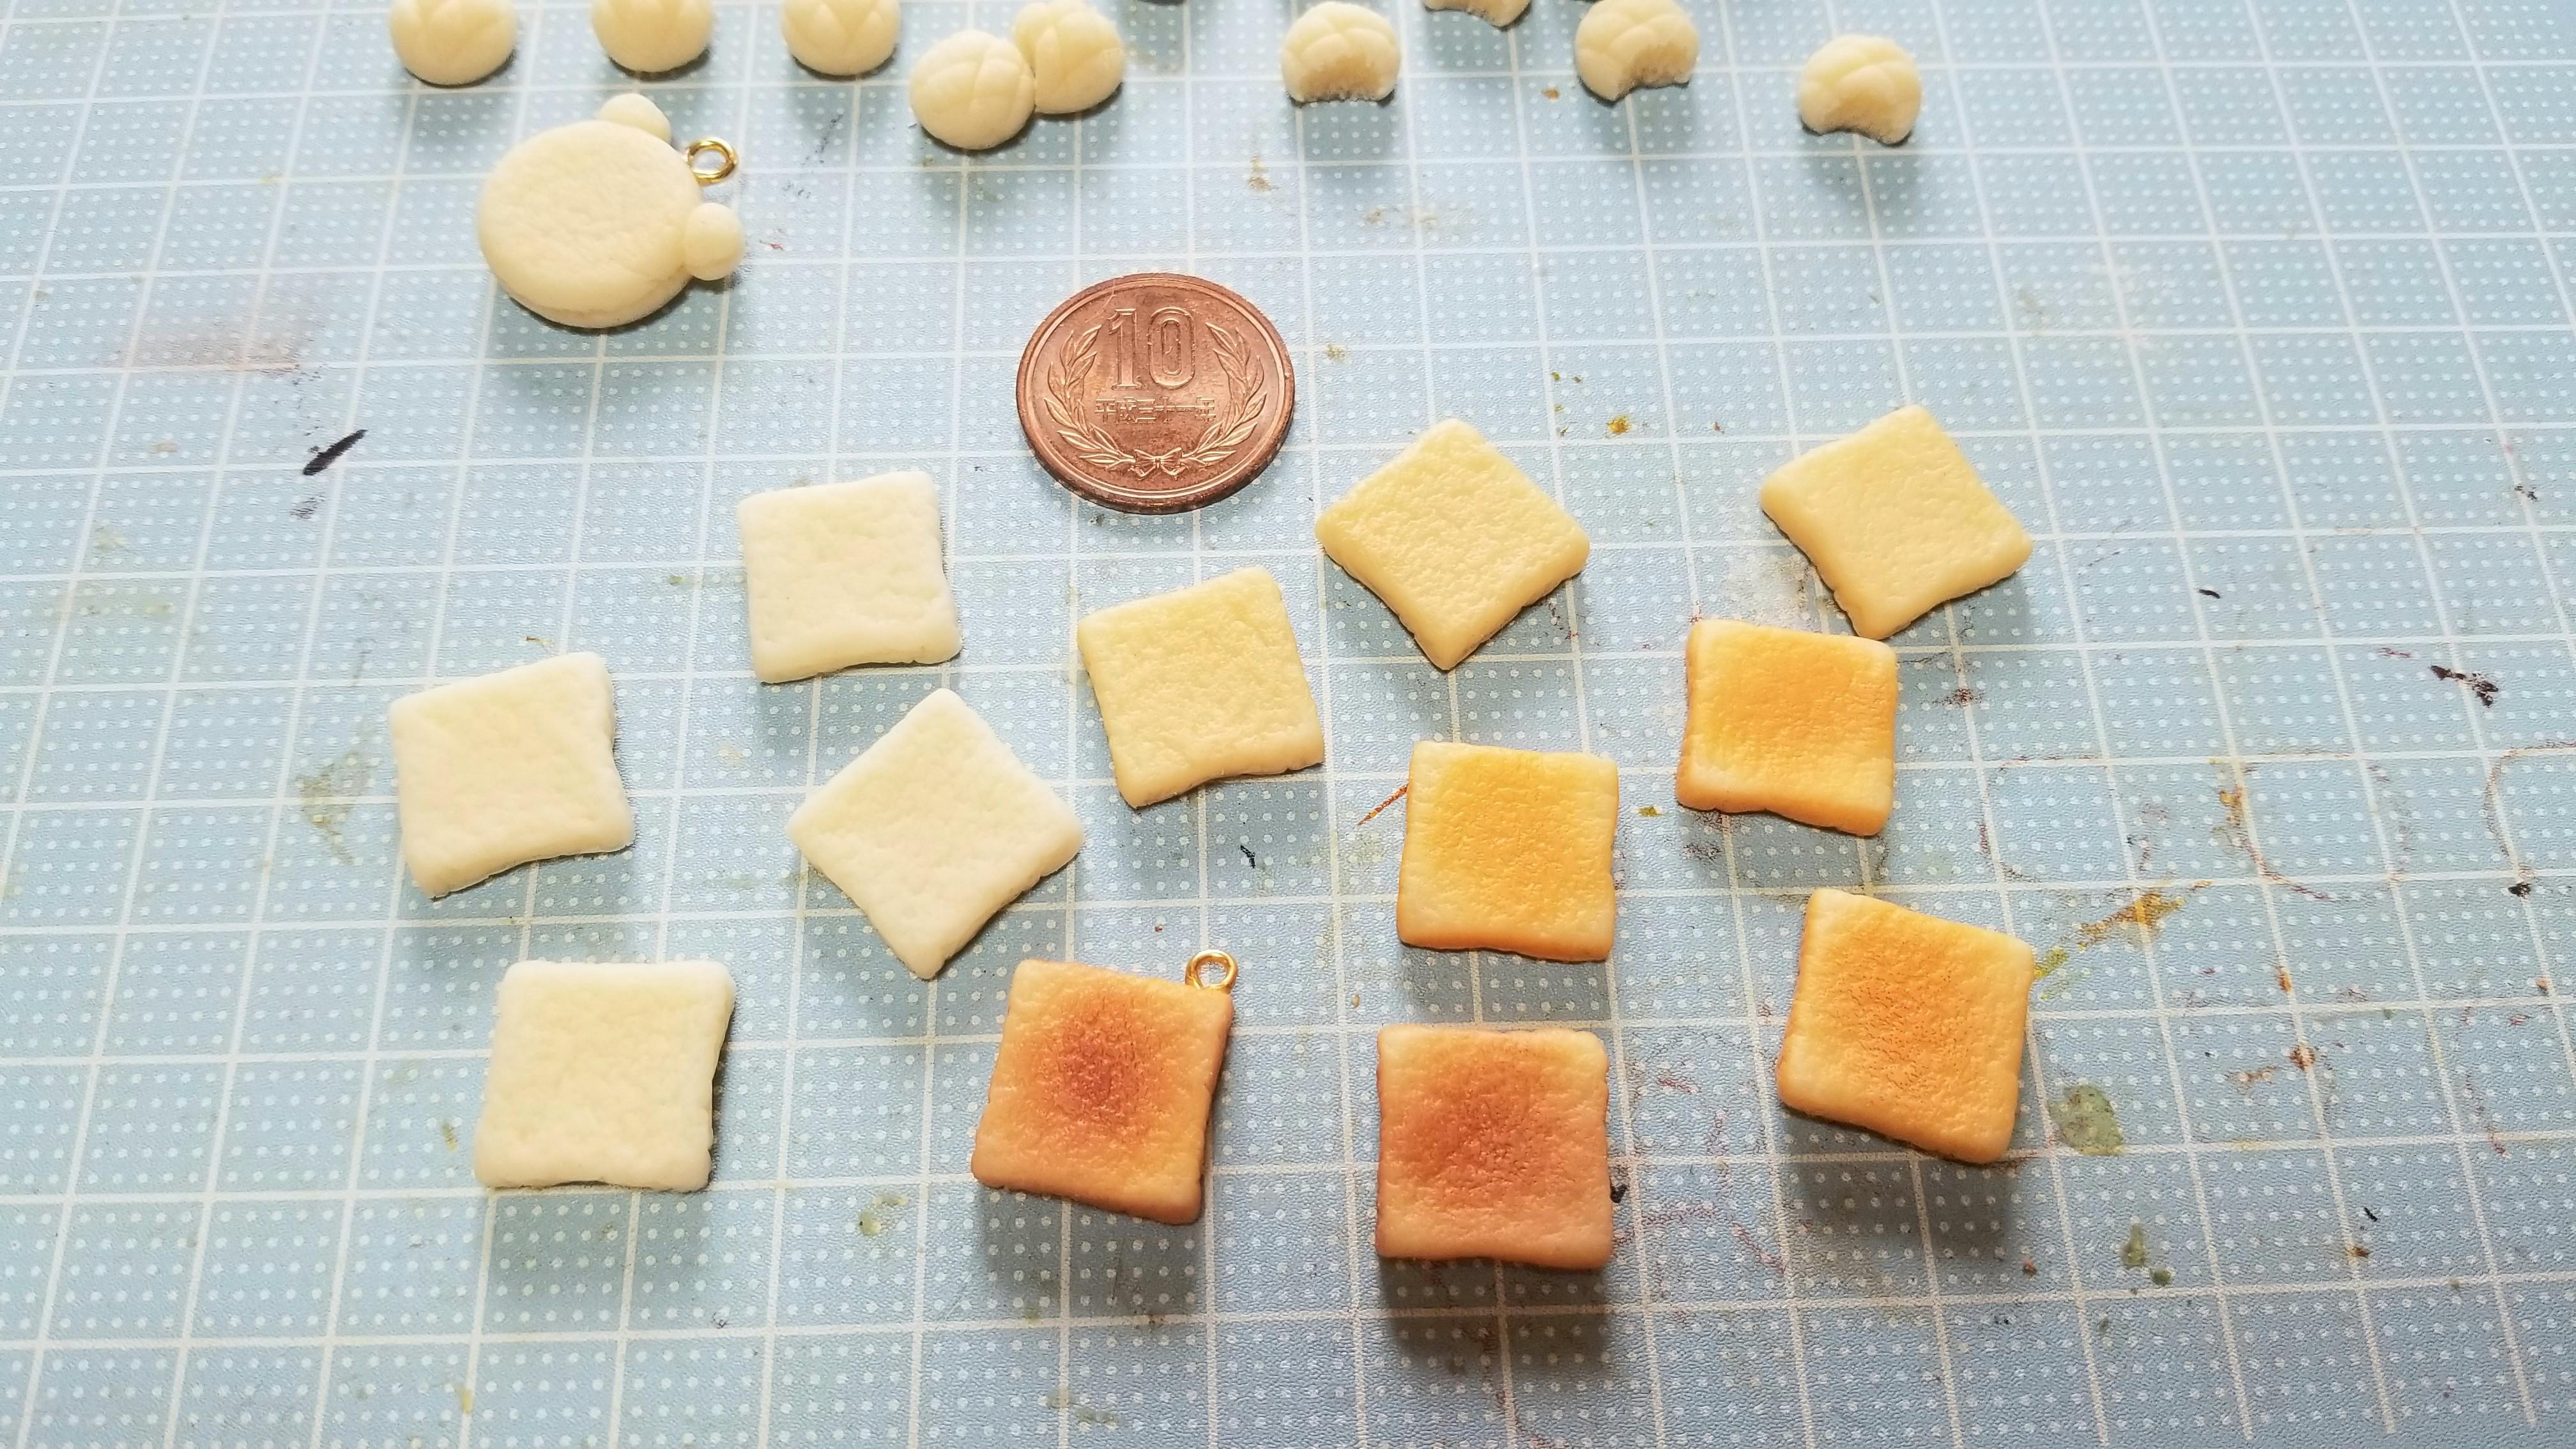 ミニチュアフード食パントーストこんがりおいしそう手作り美味しい